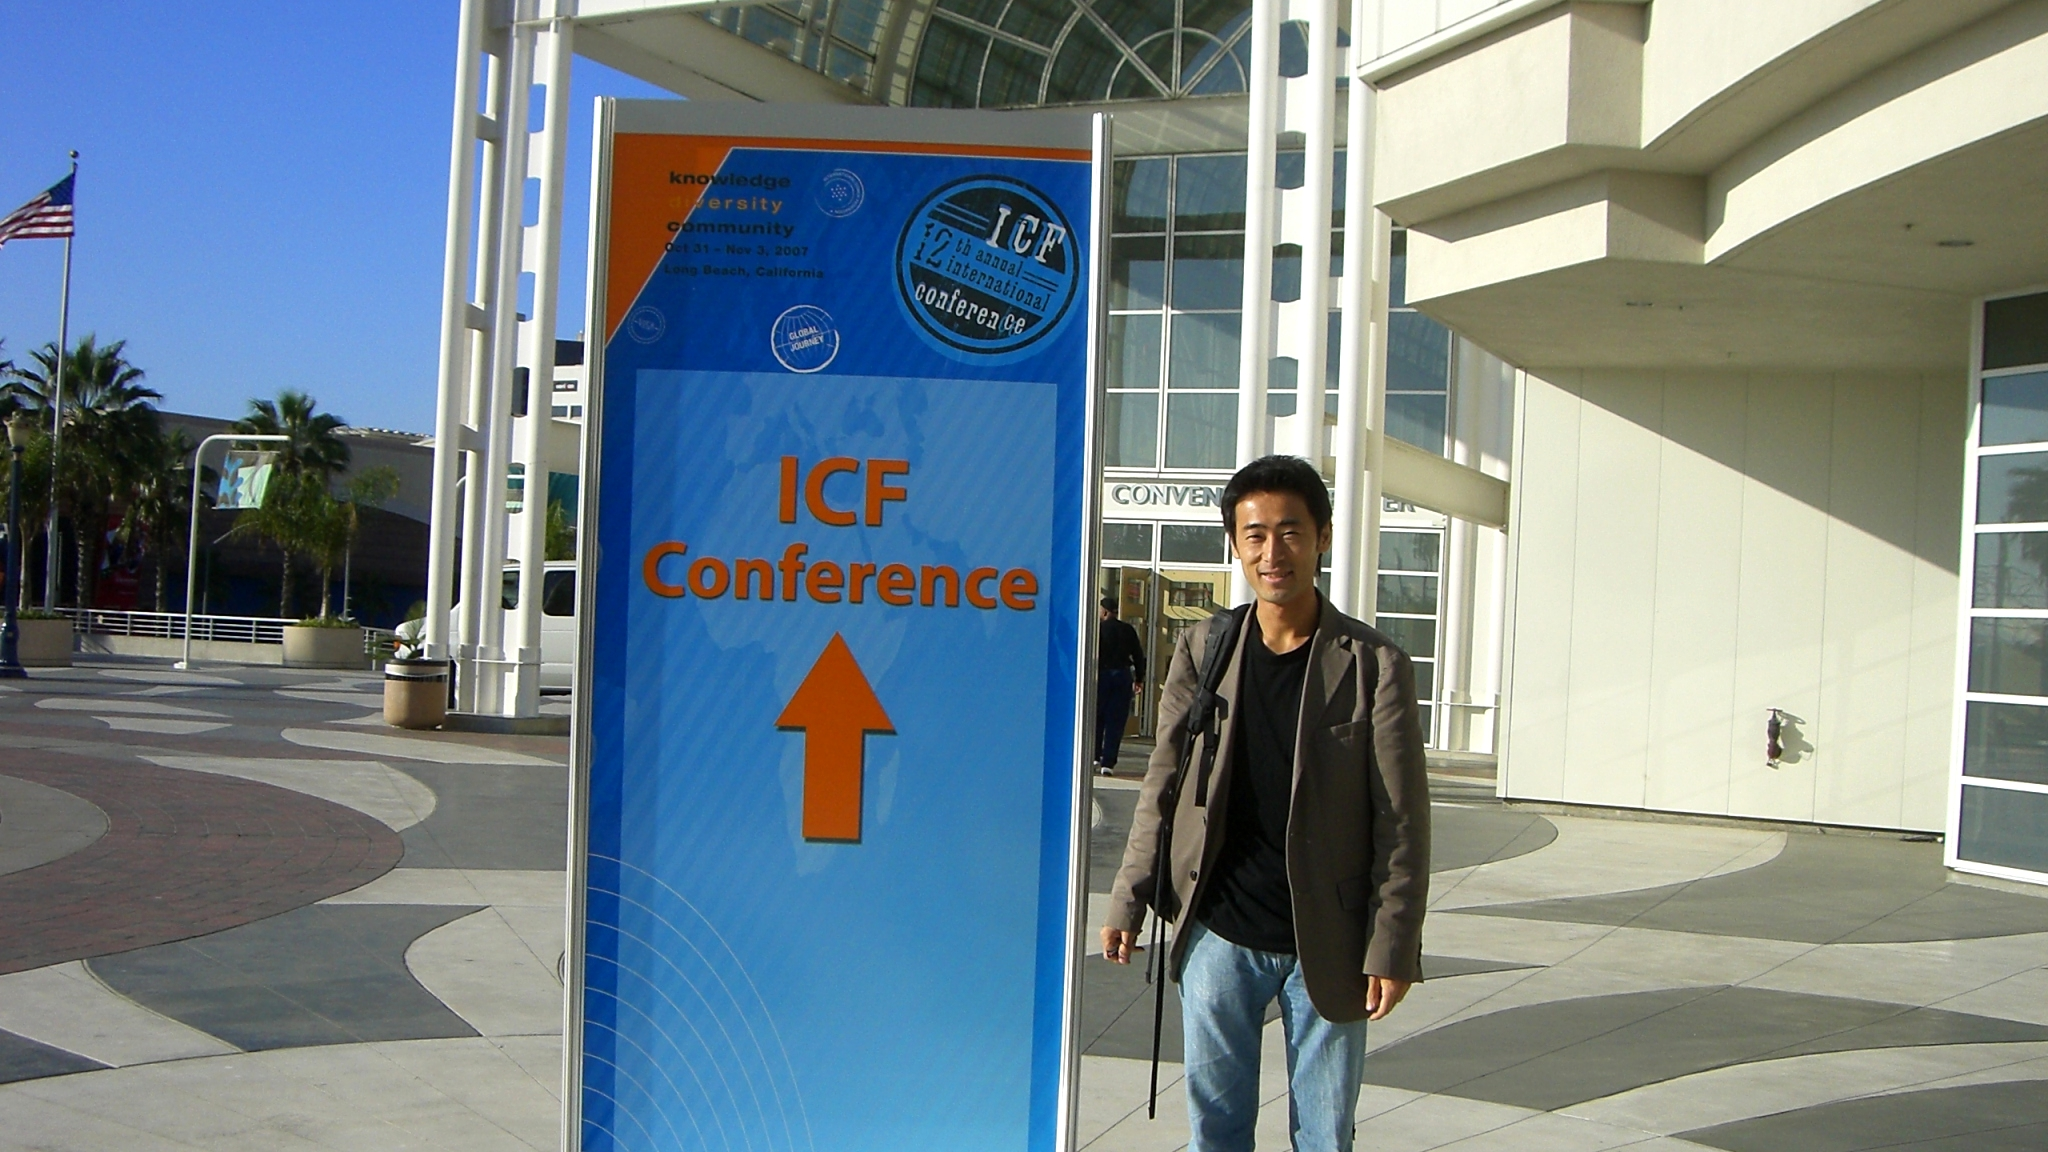 【コーチングICF国際会議】6日間の渡米。前日入りしたロスは快晴!